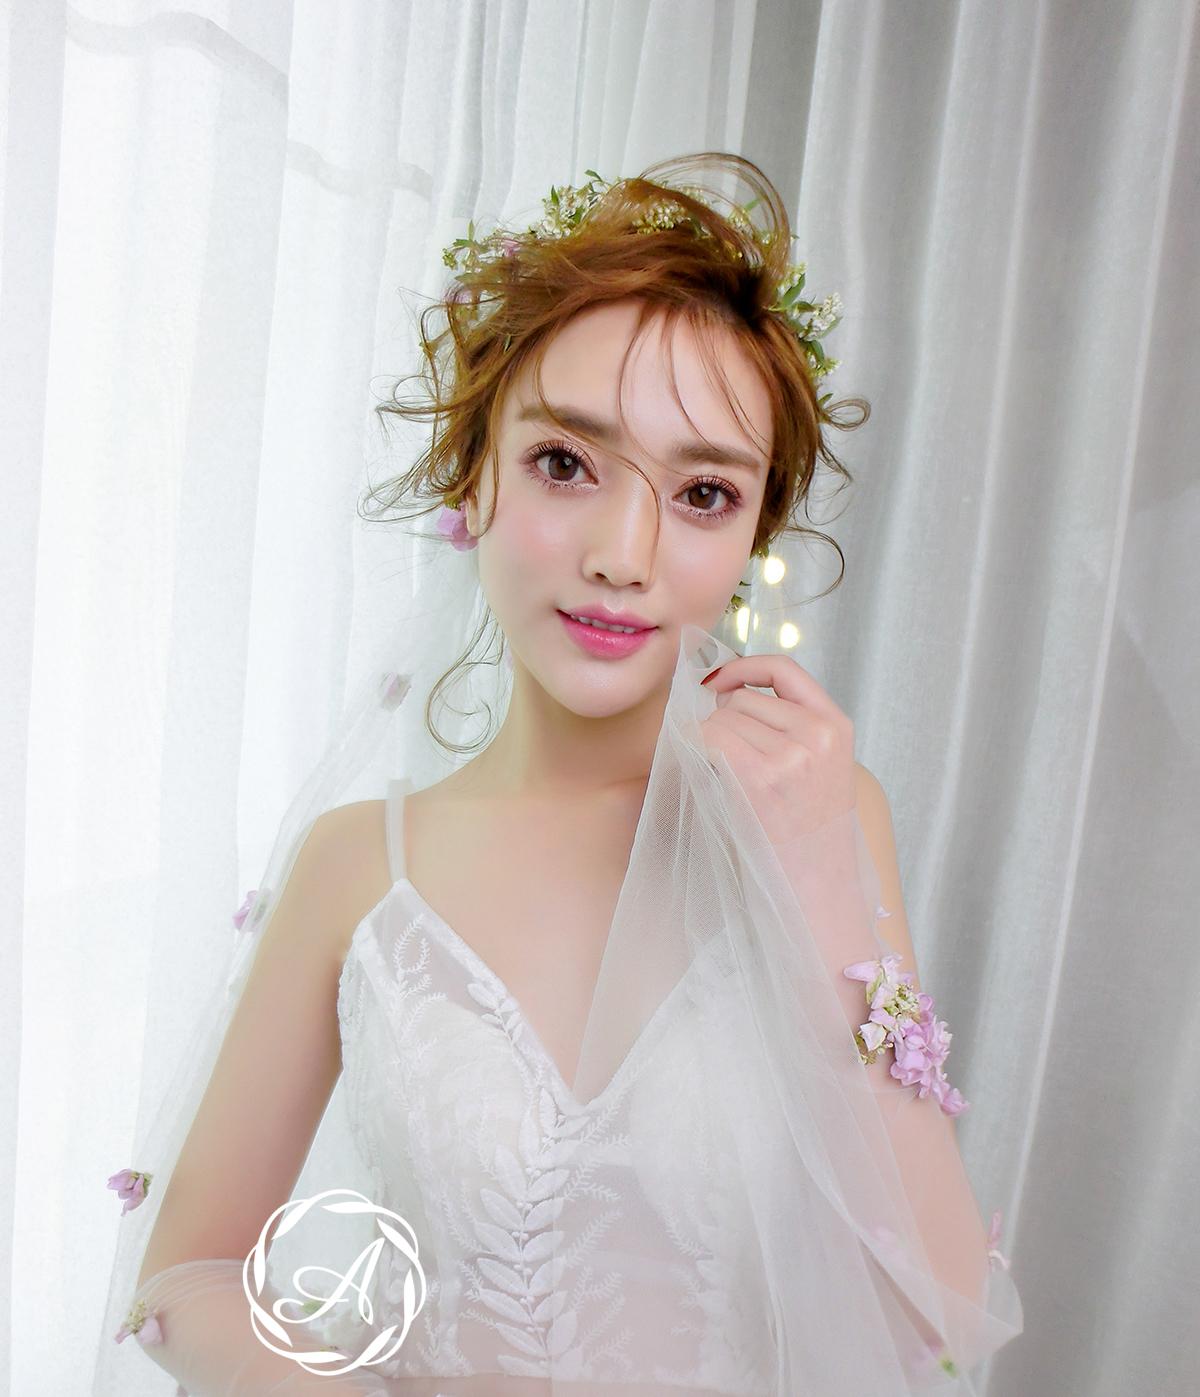 化妆技巧 新娘造型|春夏清新新娘,头纱,盘发,贴面妆,甜美又优雅图片